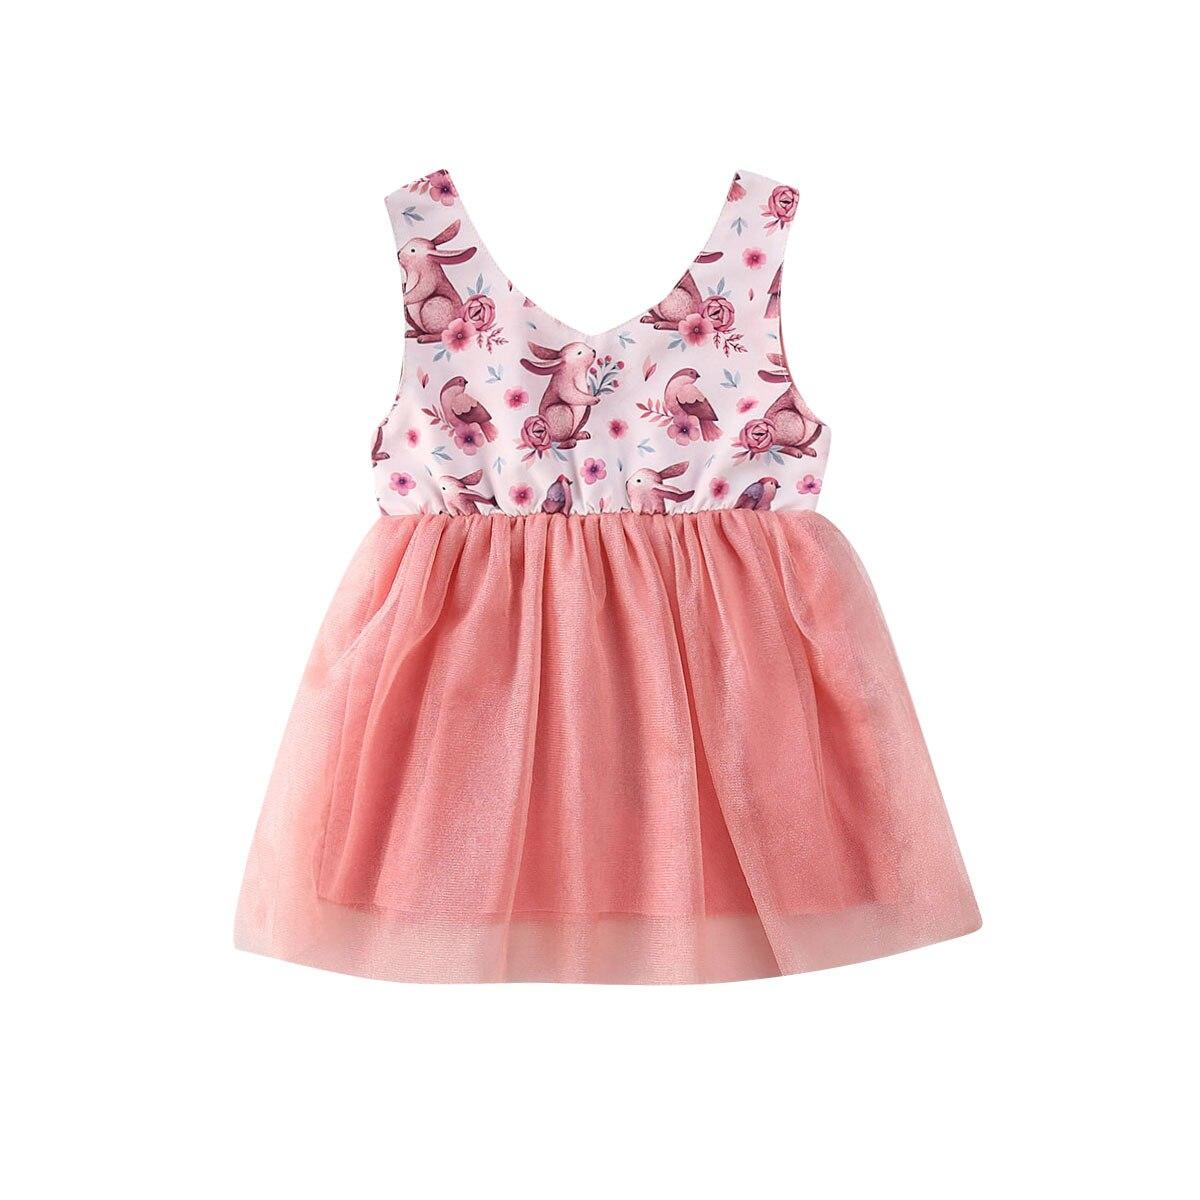 Verão crianças bebê menina princesa vestido sem mangas coelho impressão festa de renda tule tutu mini vestido outfit 6m-5y